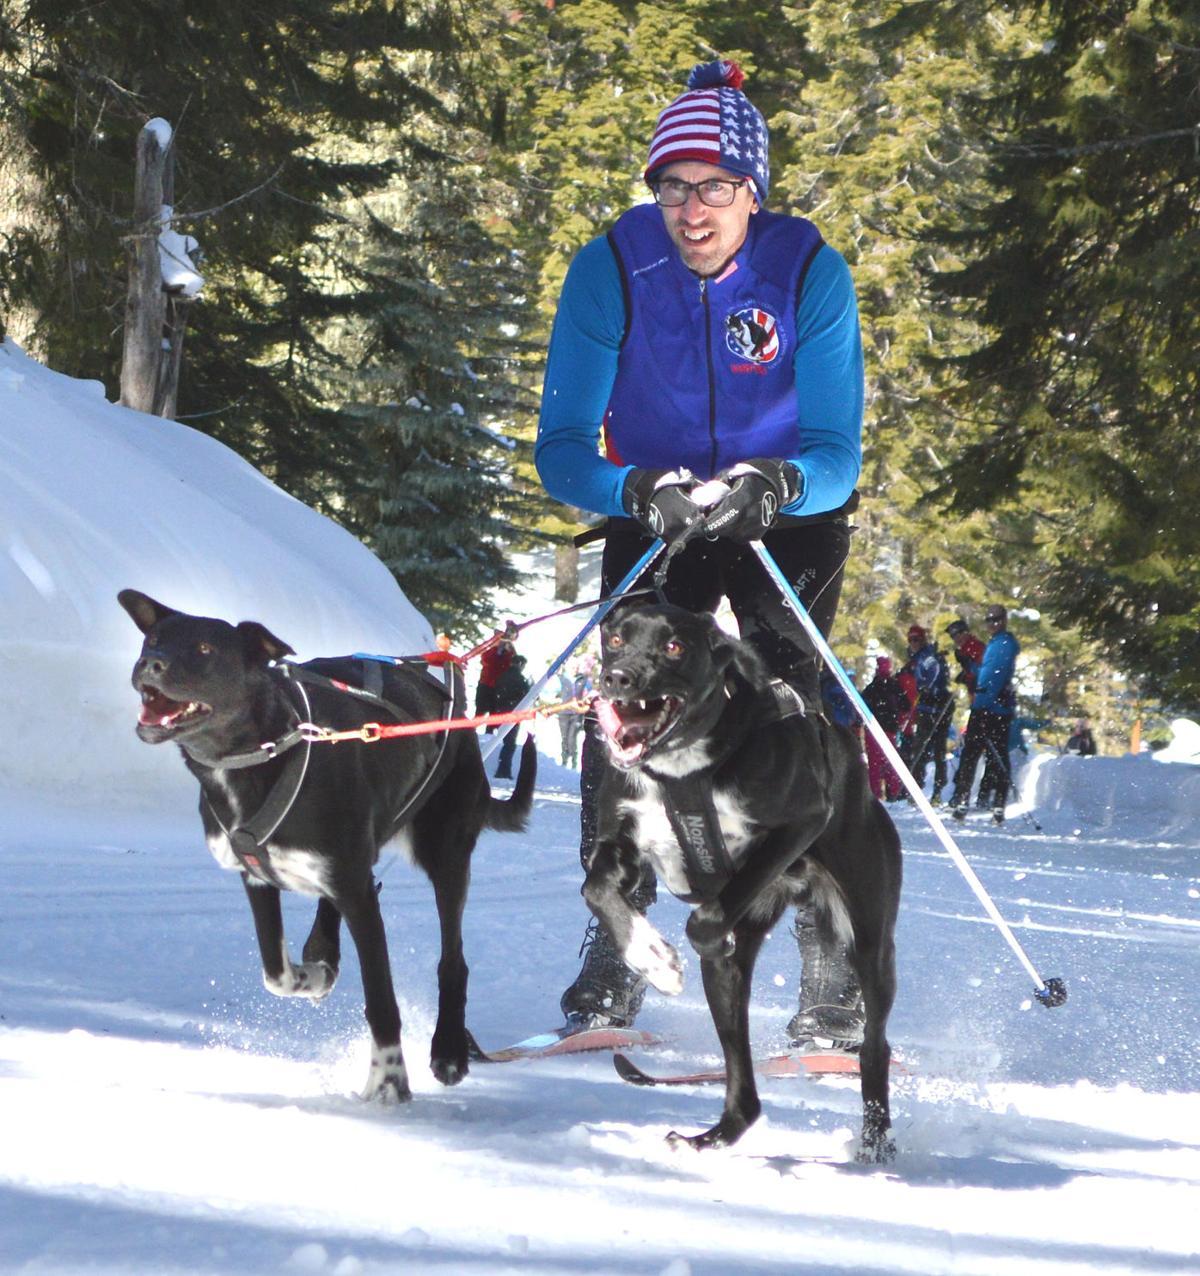 Dan Hanks does skijoring